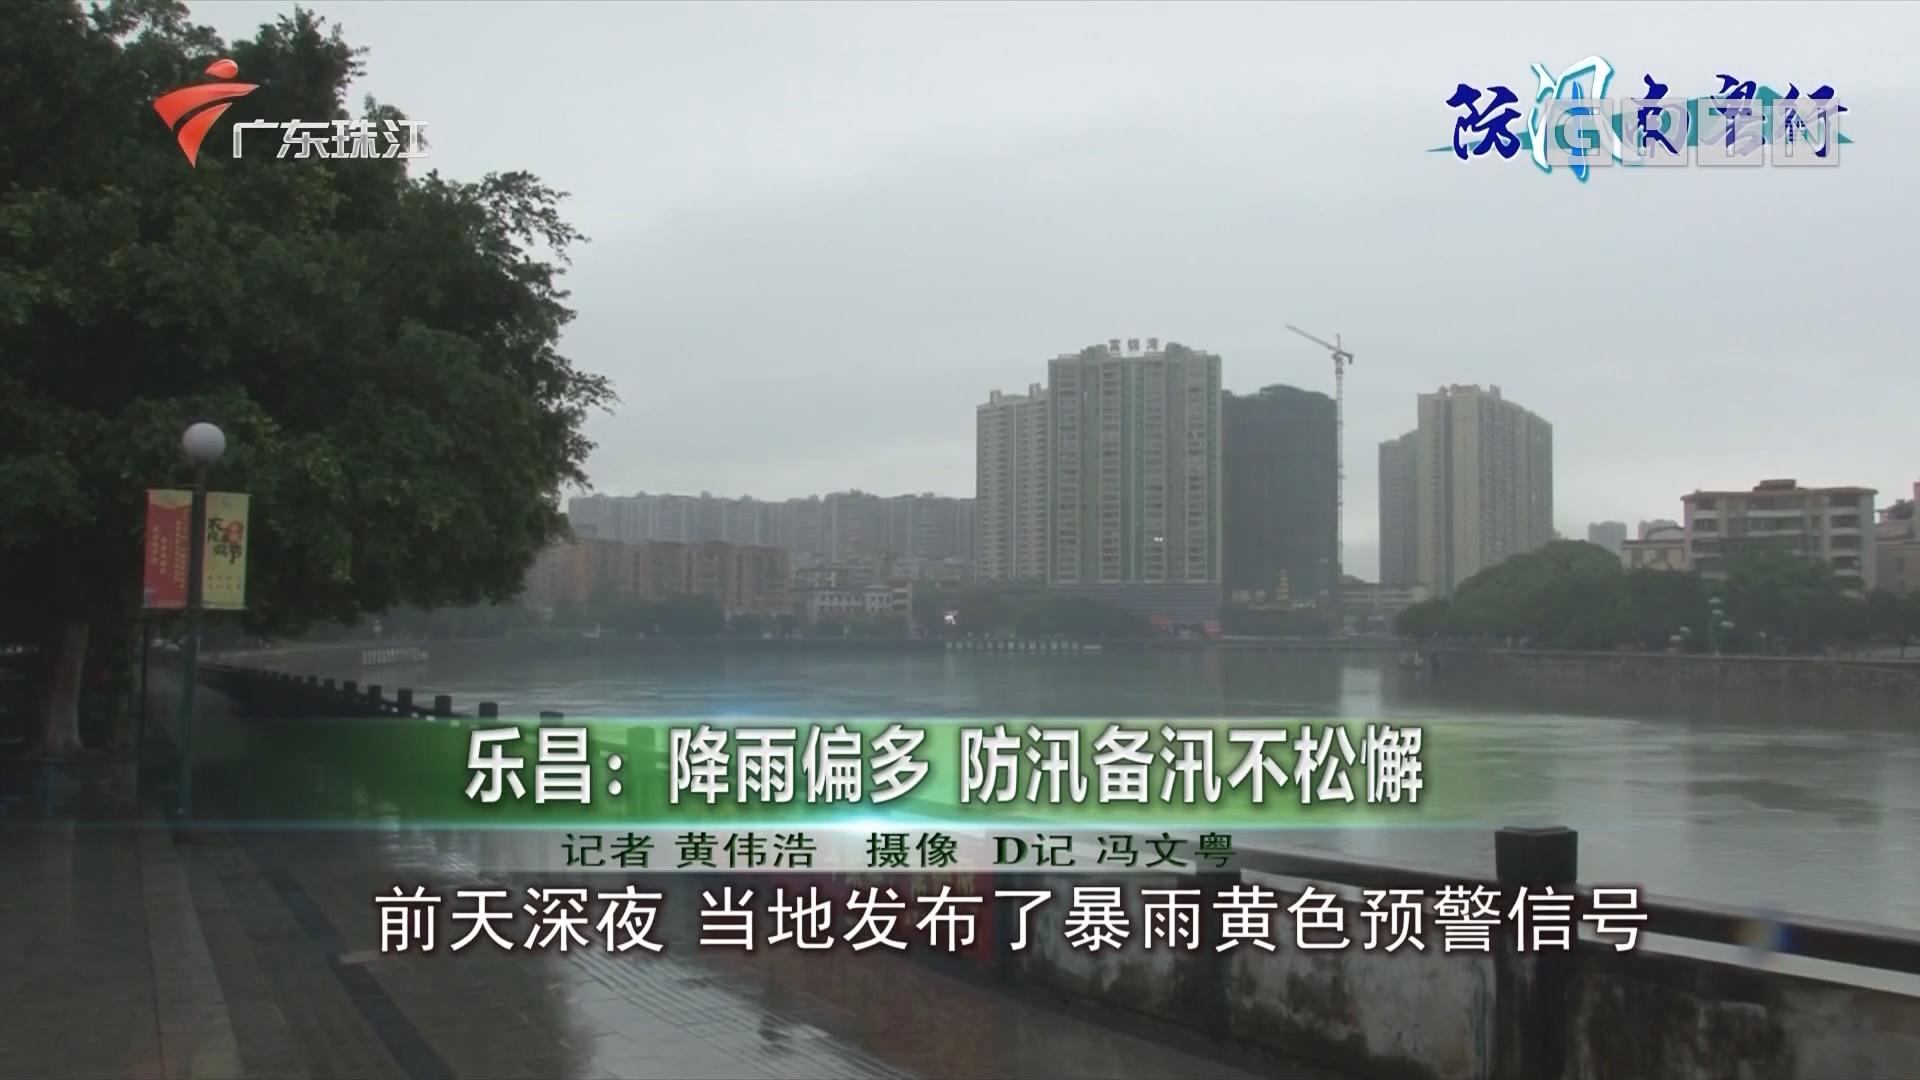 乐昌:降雨偏多 防汛备汛不松懈